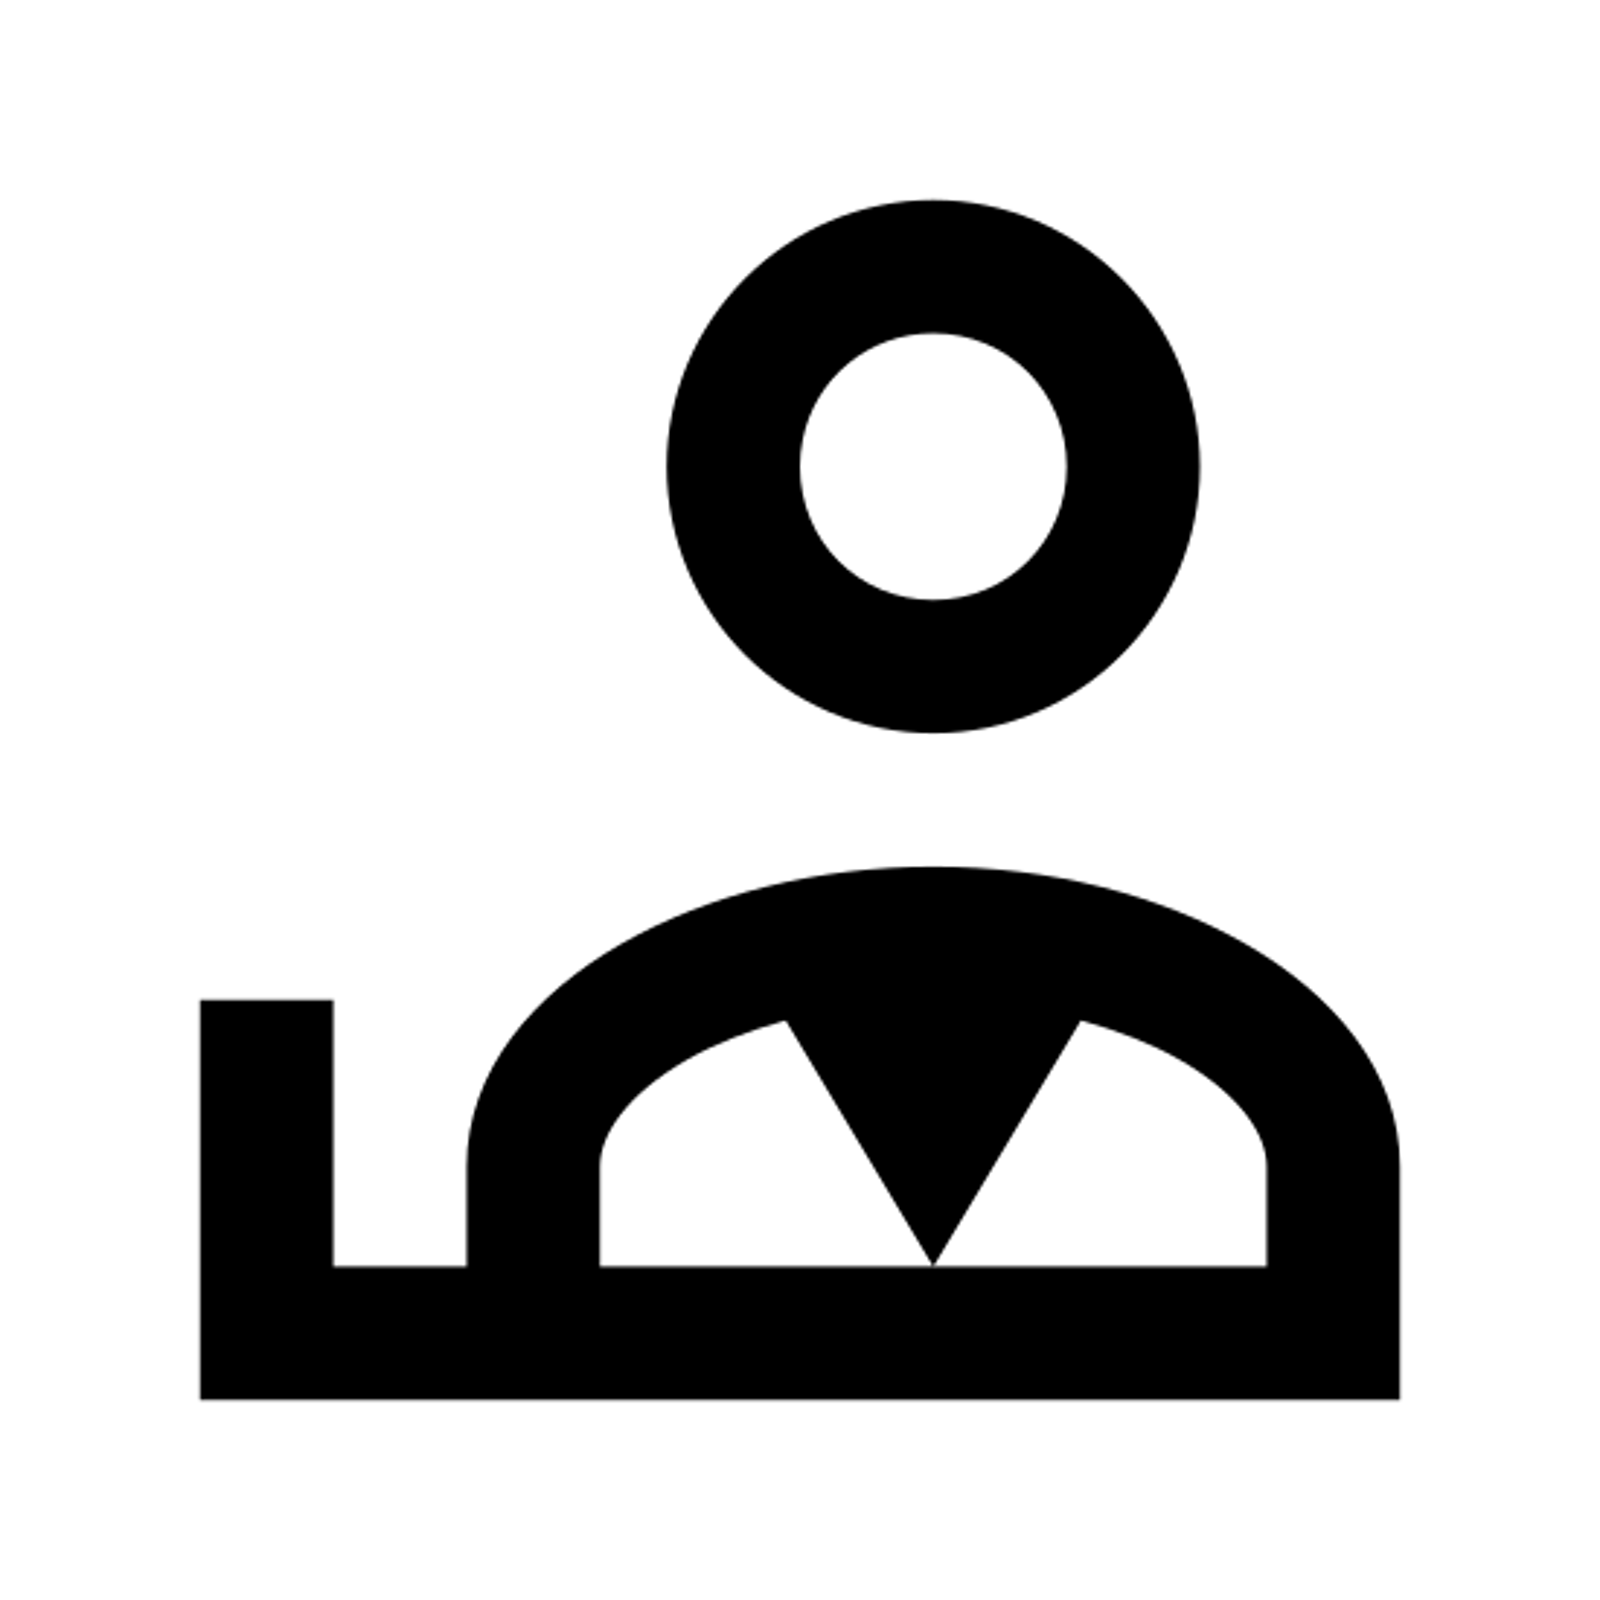 Praca z dokumentami icon